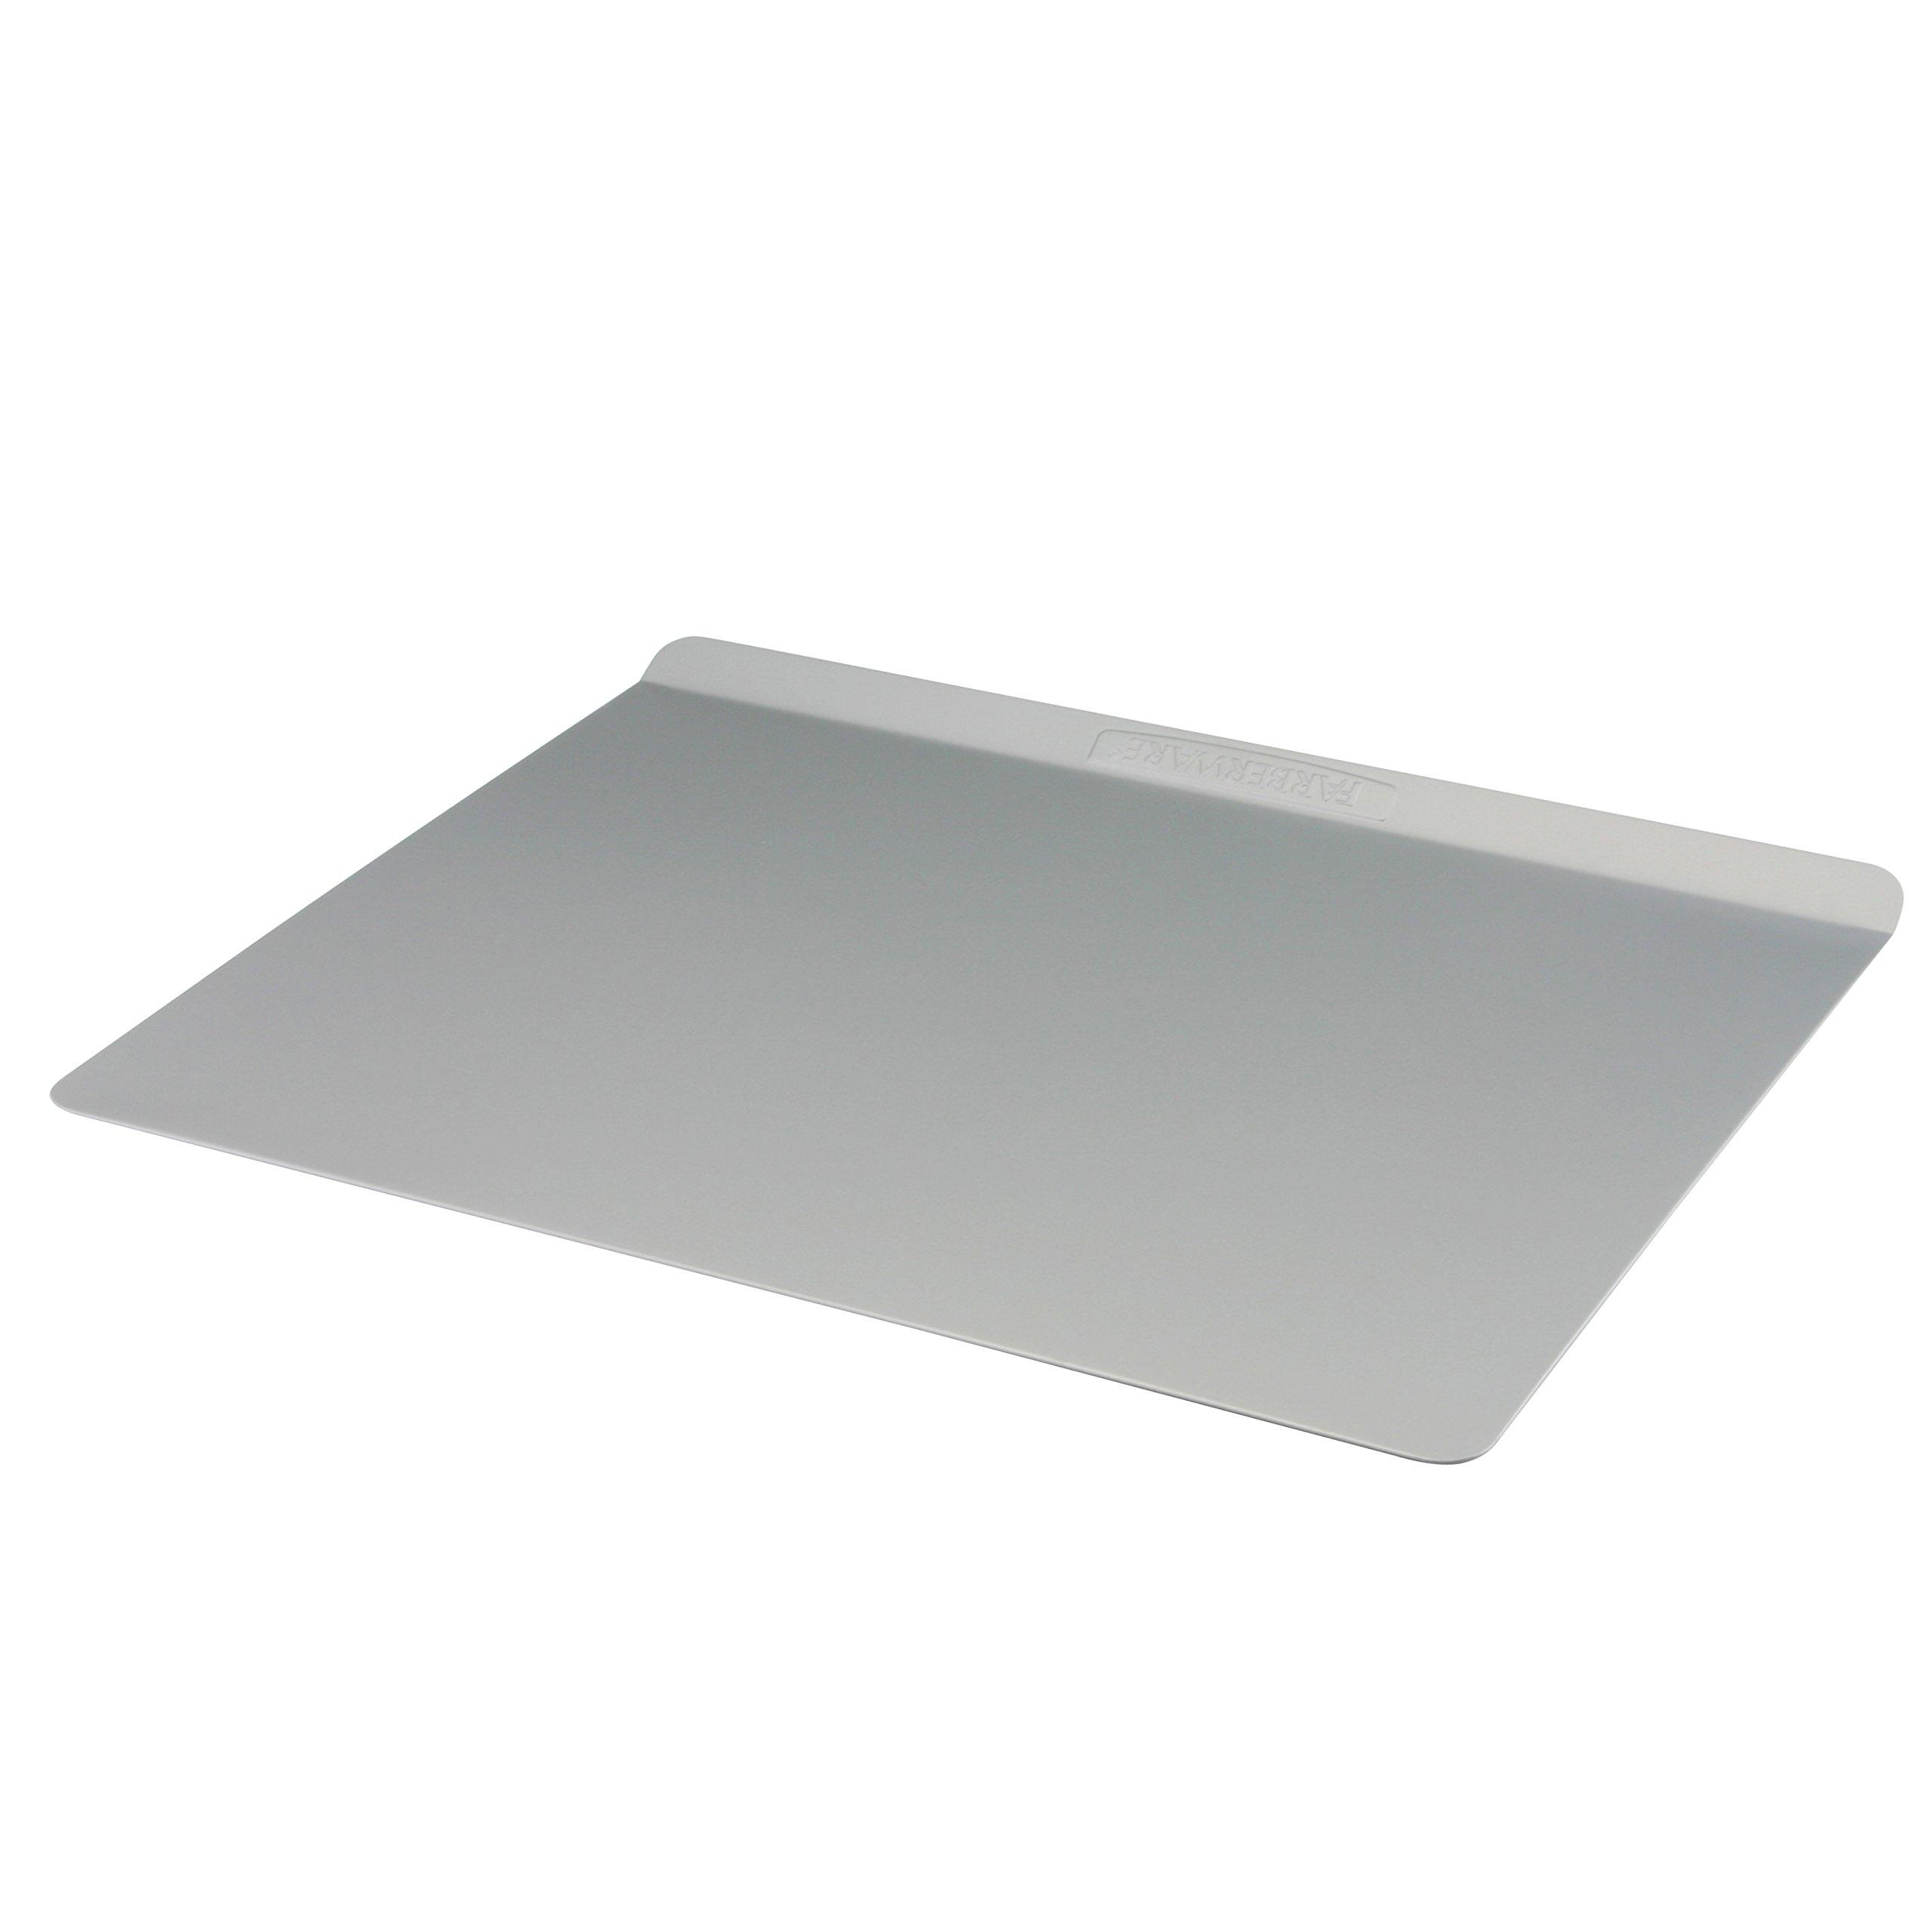 Farberware Insulated Nonstick Bakeware 14-Inch x 16-Inch Jumbo Cookie Sheet, Light Gray